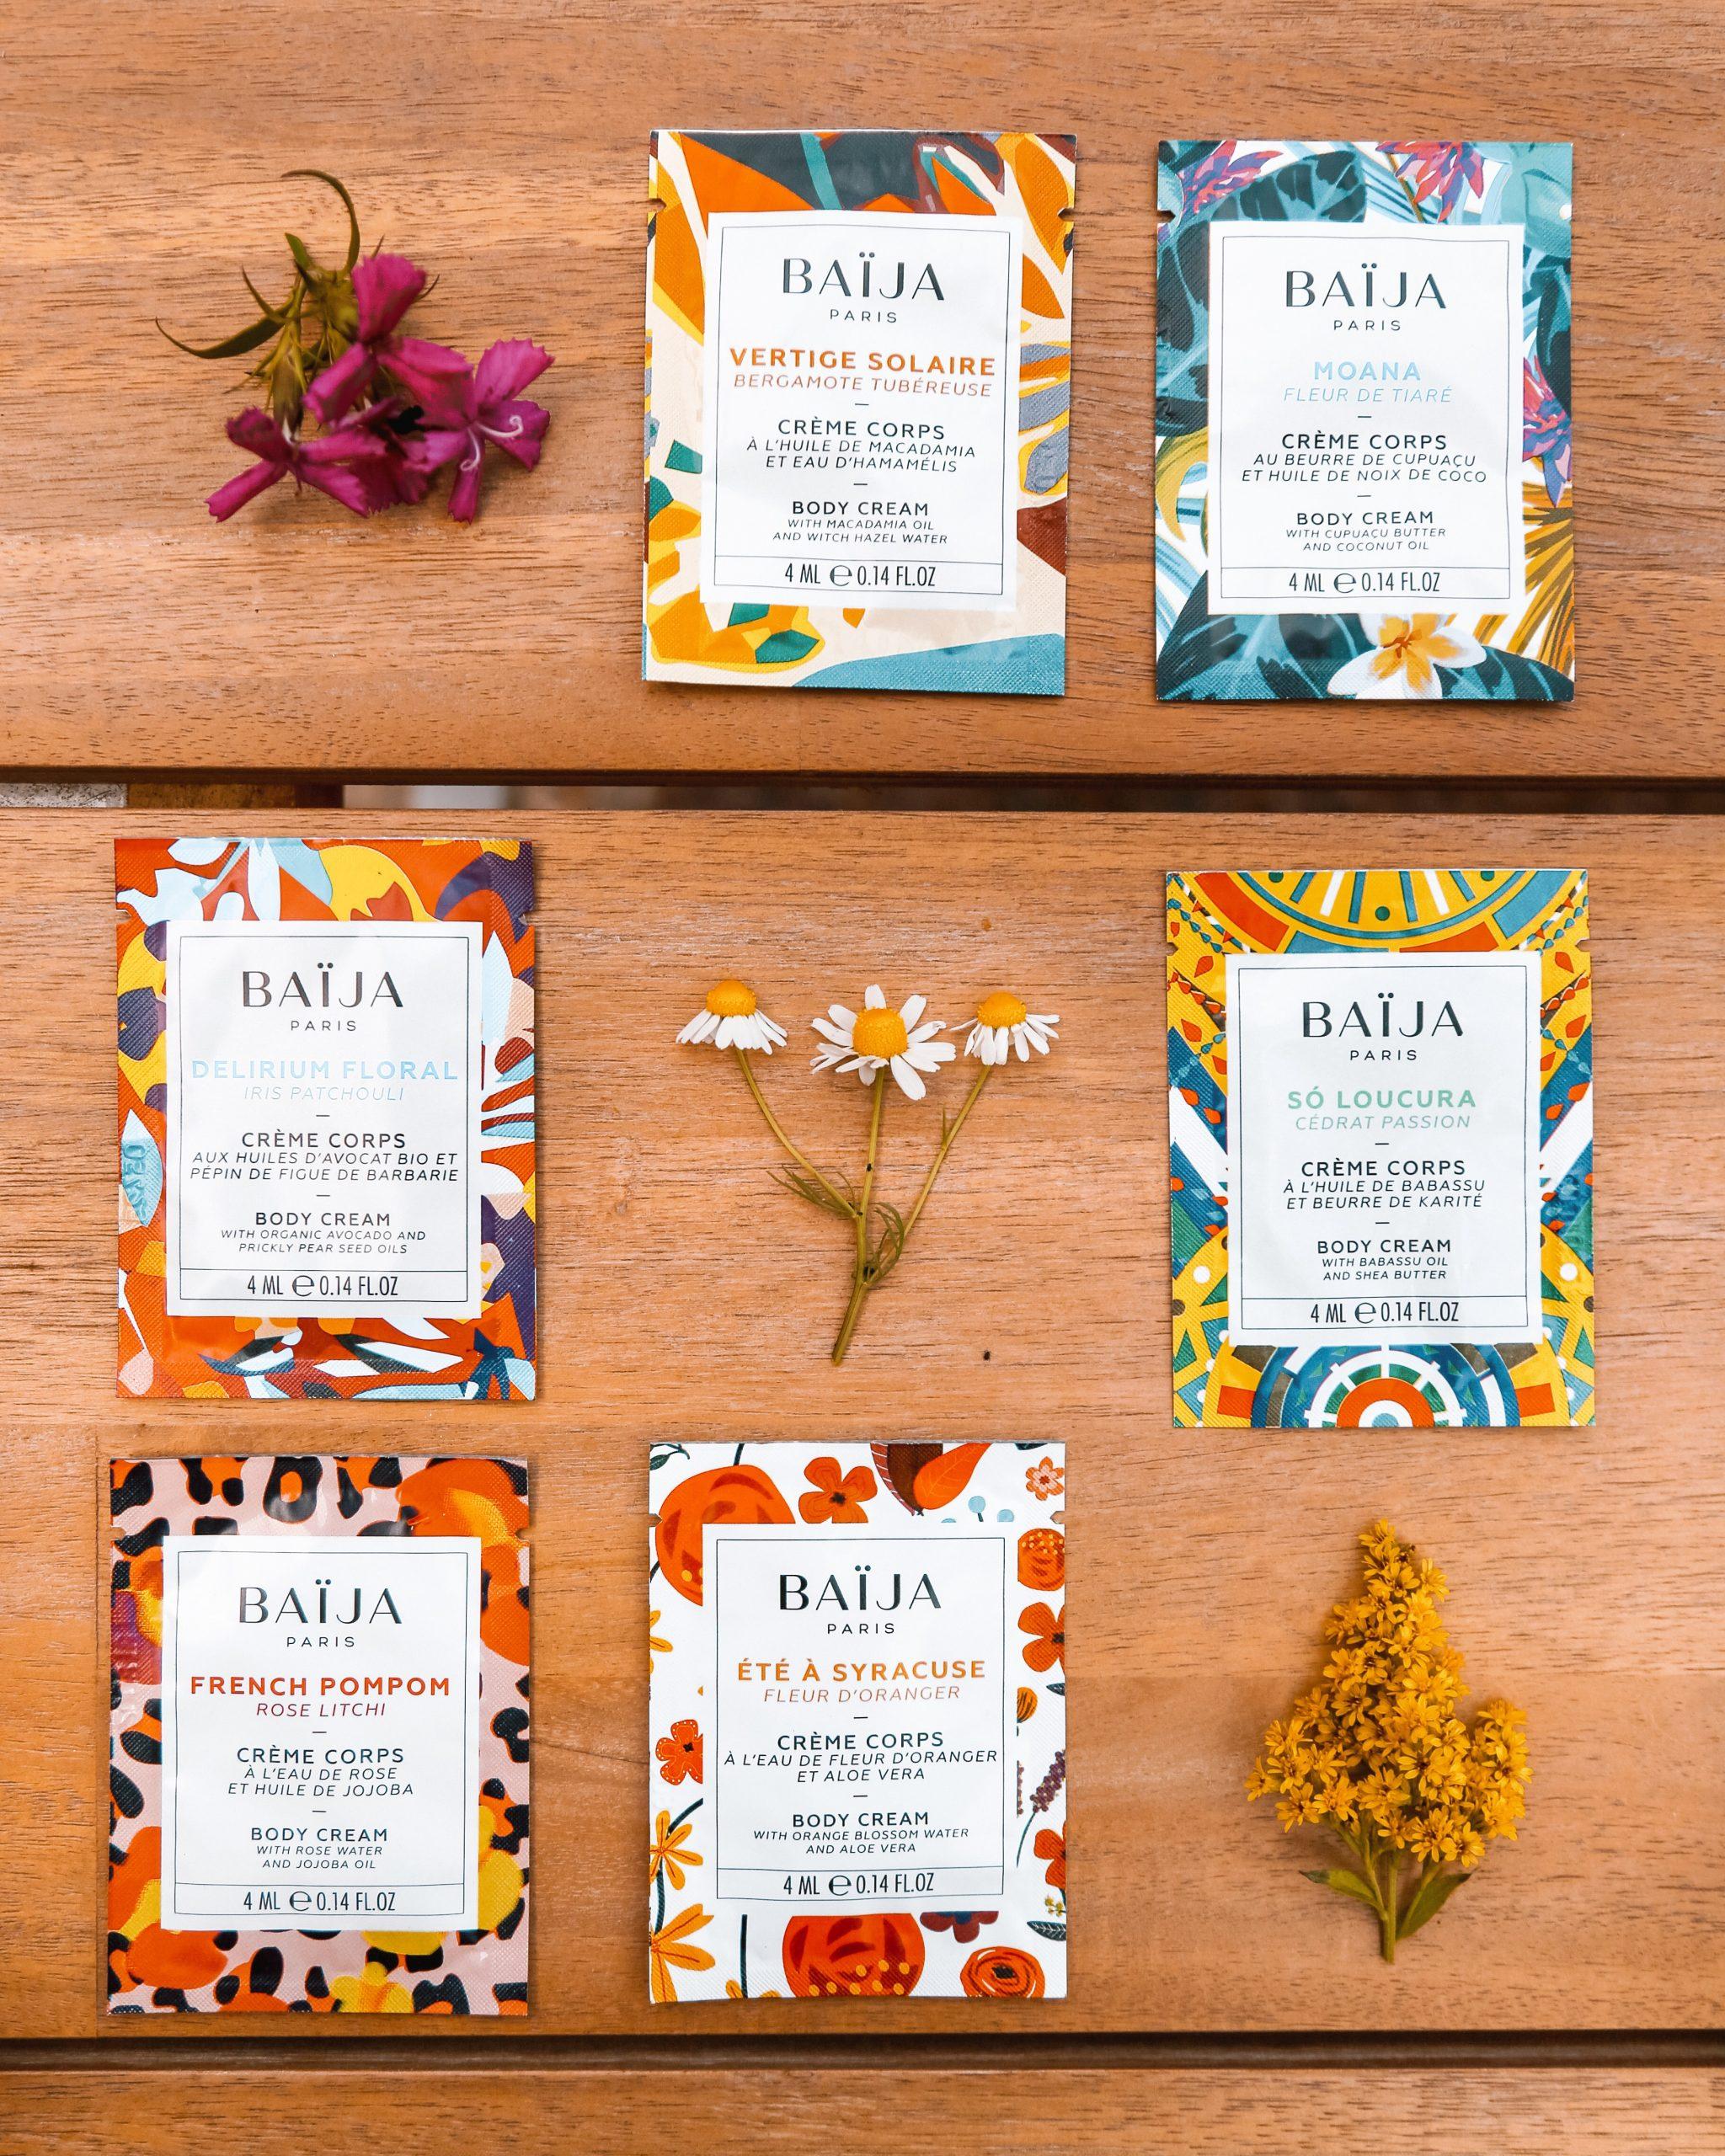 fragranze Bajia